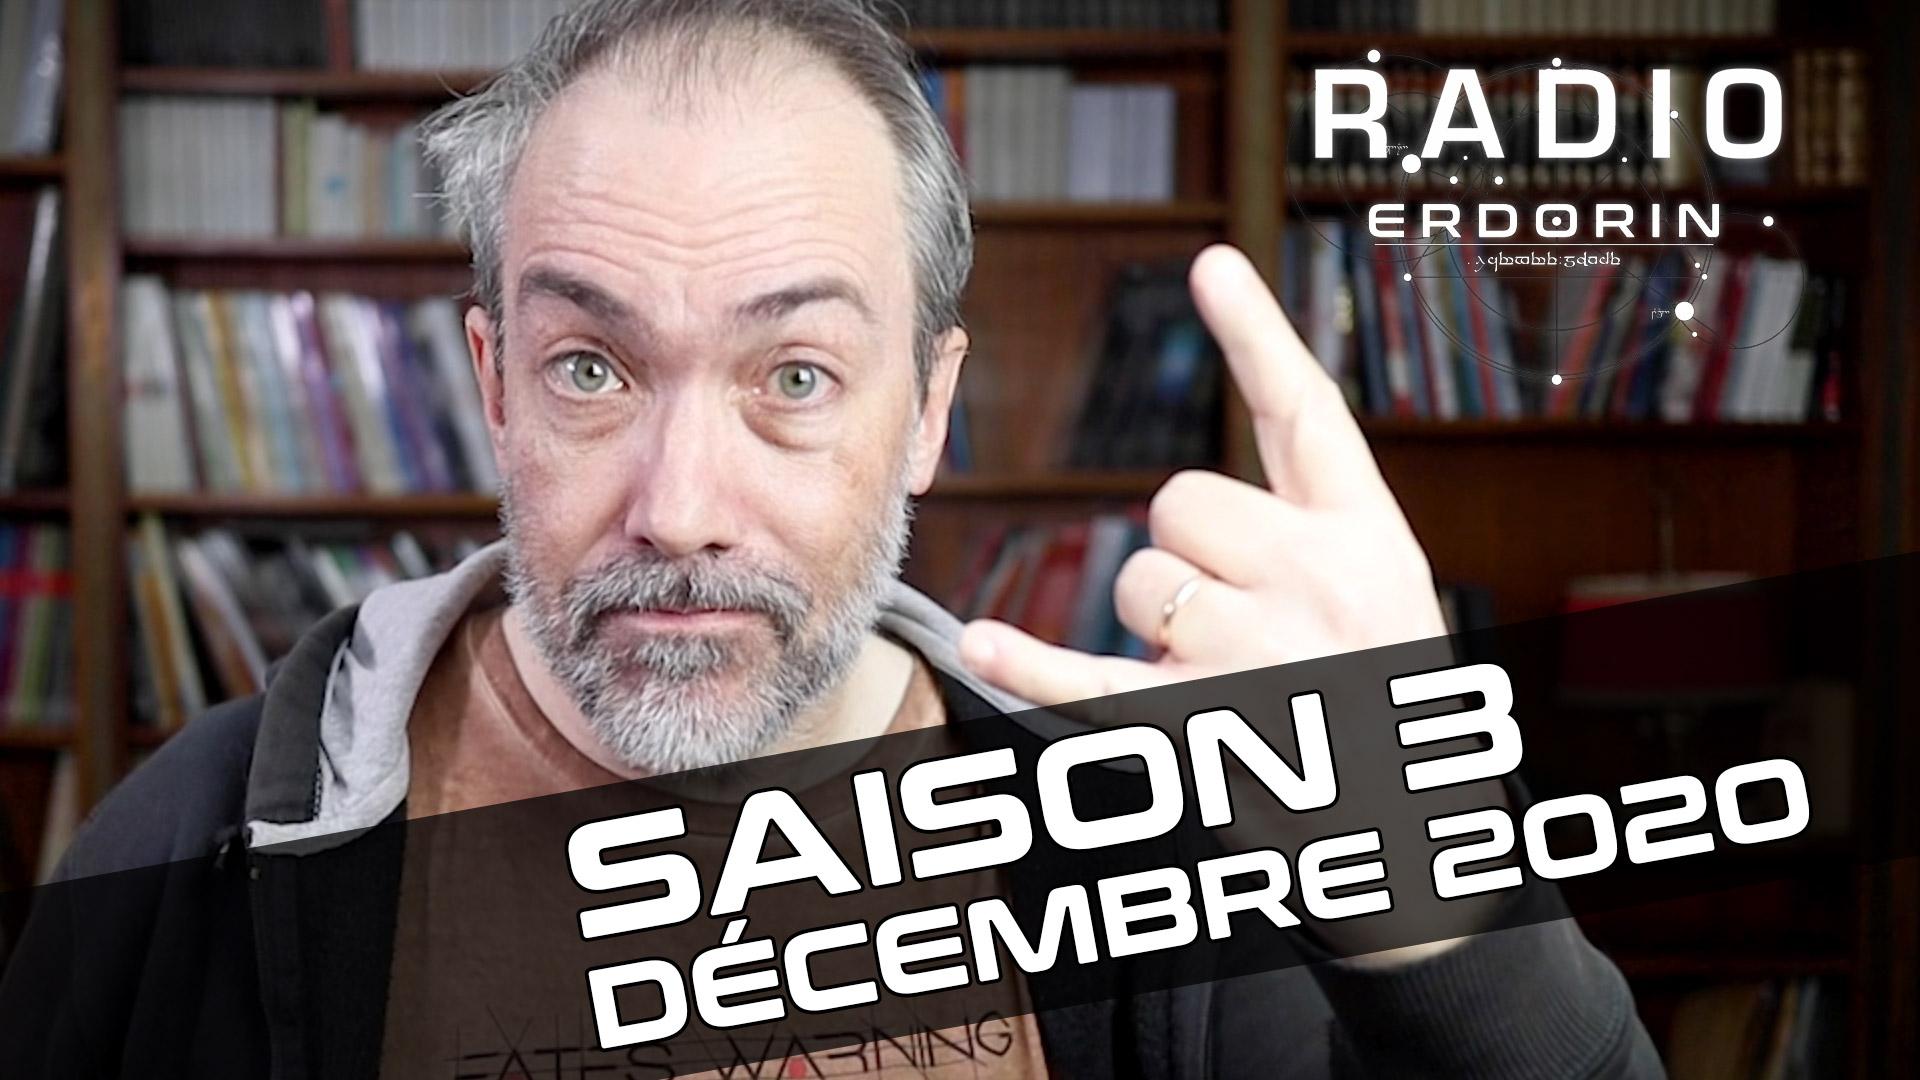 Radio-Erdorin S3E12 – Décembre 2020